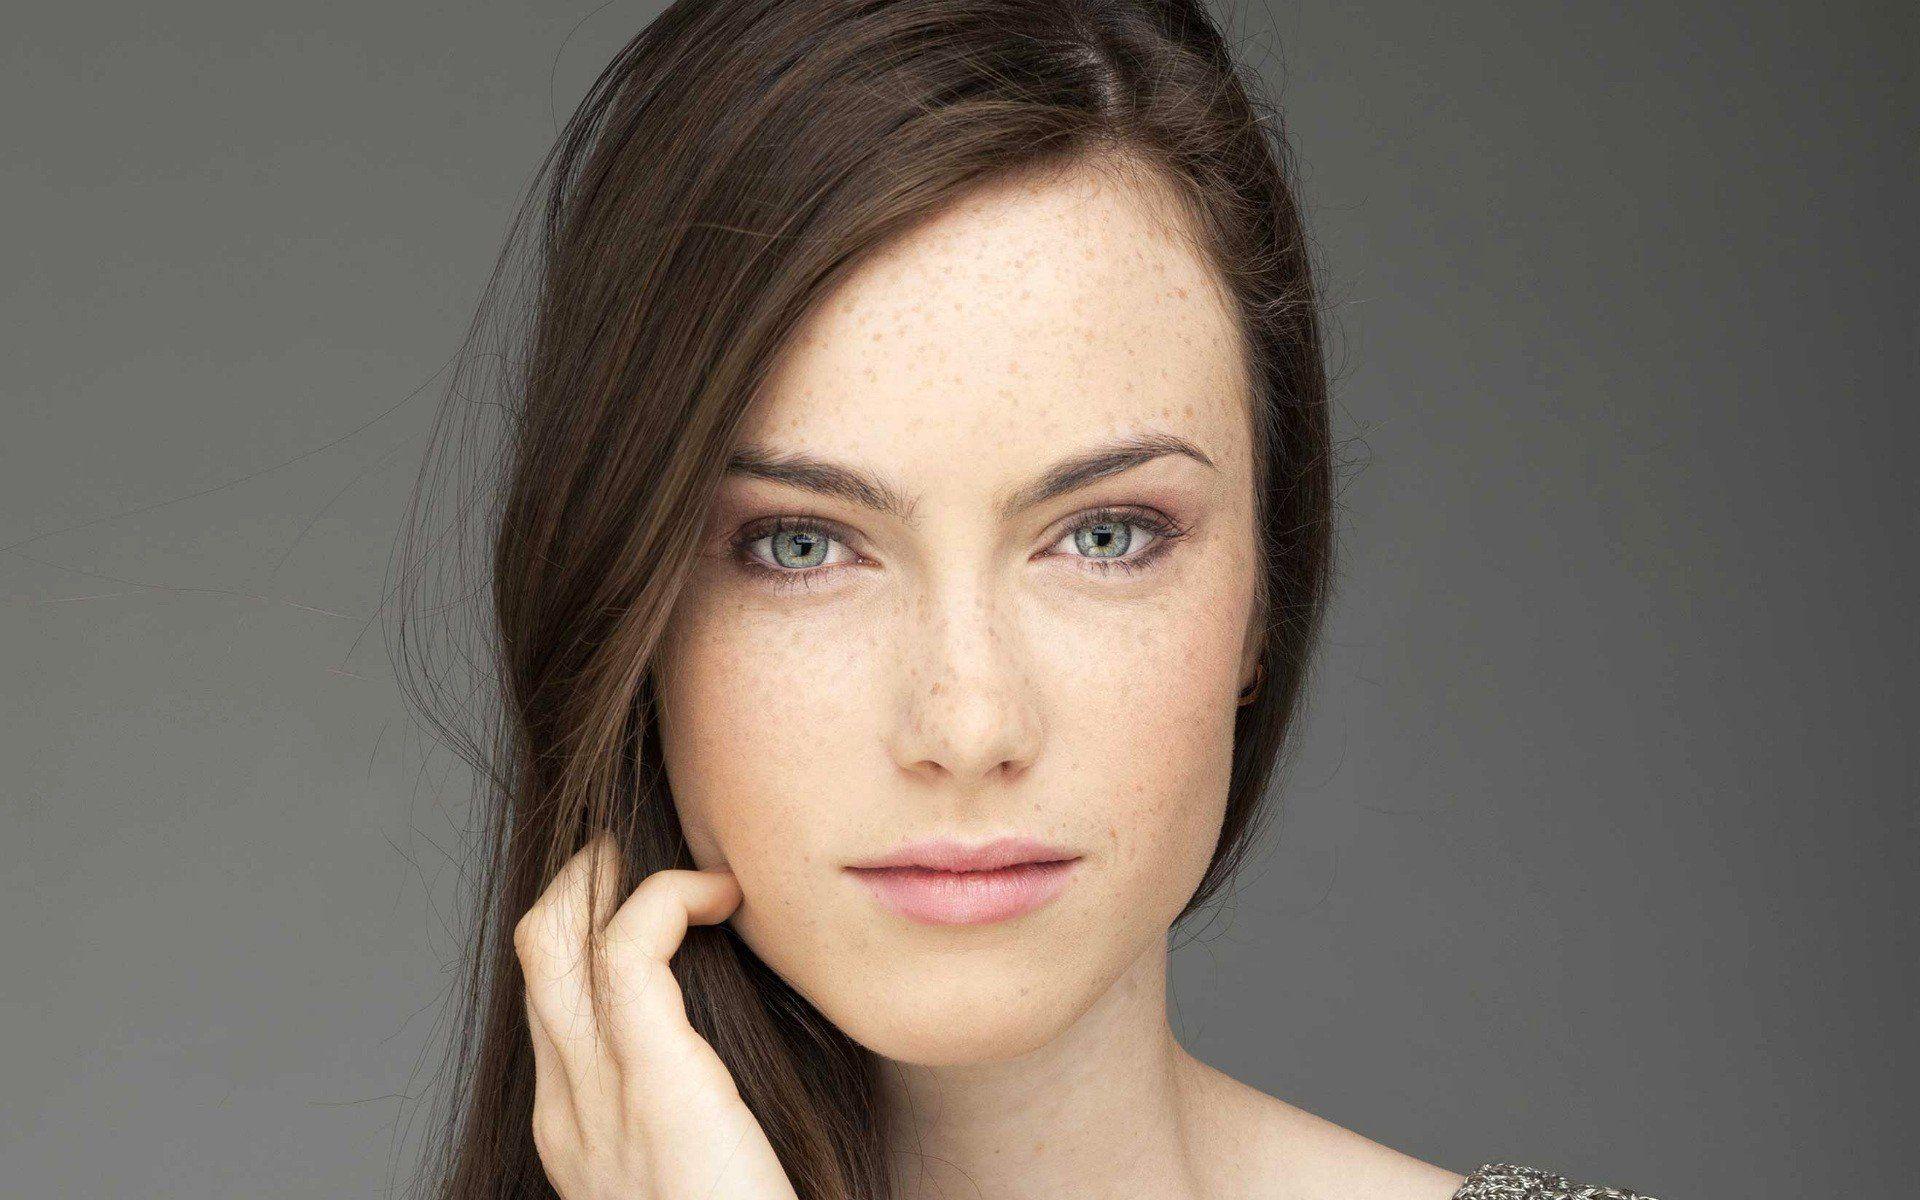 Картинка девушка без макияжа